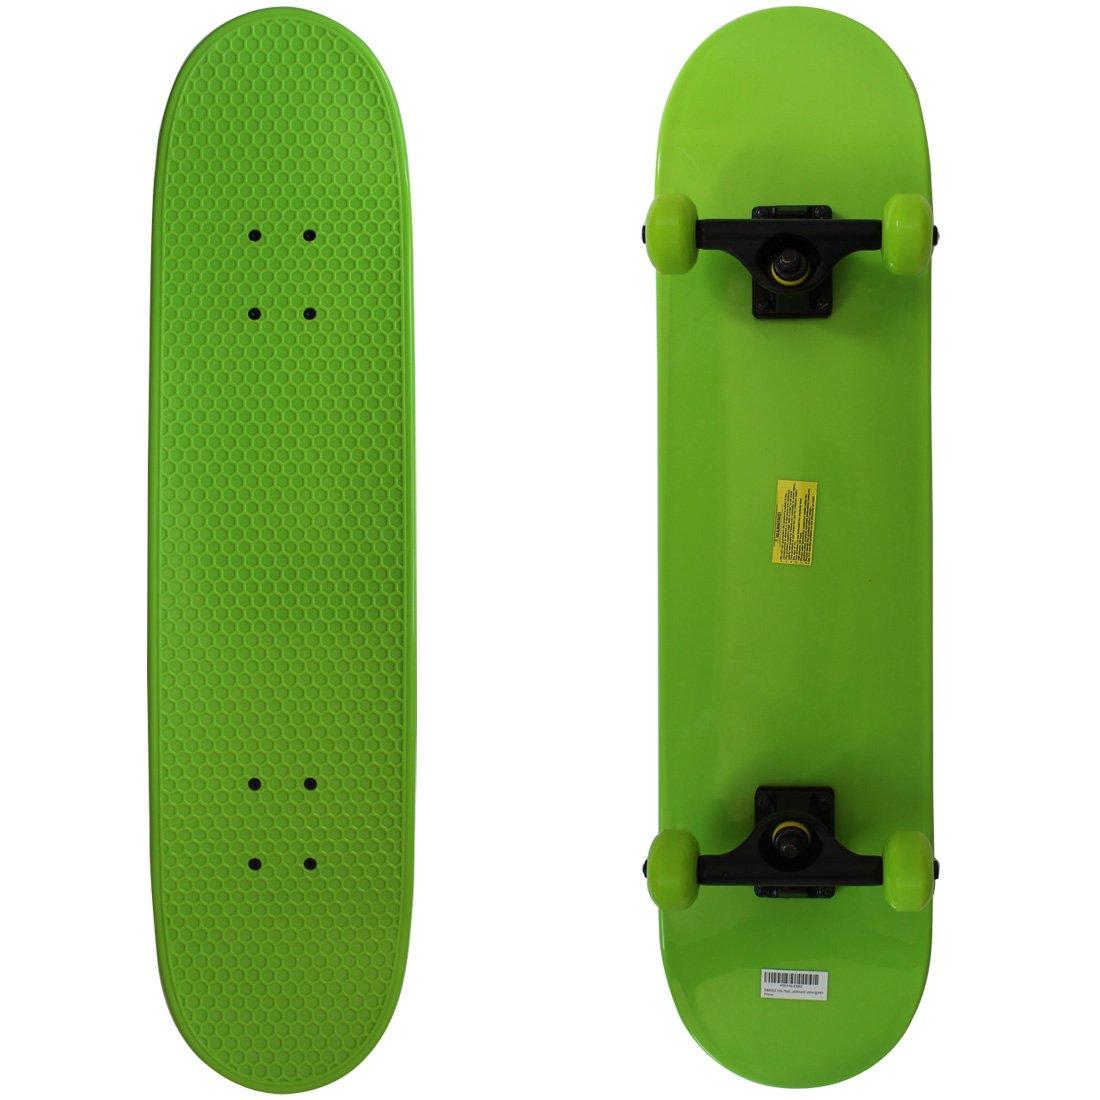 RIMABLE Kids Plastic Complete Skateboard Lemongreen